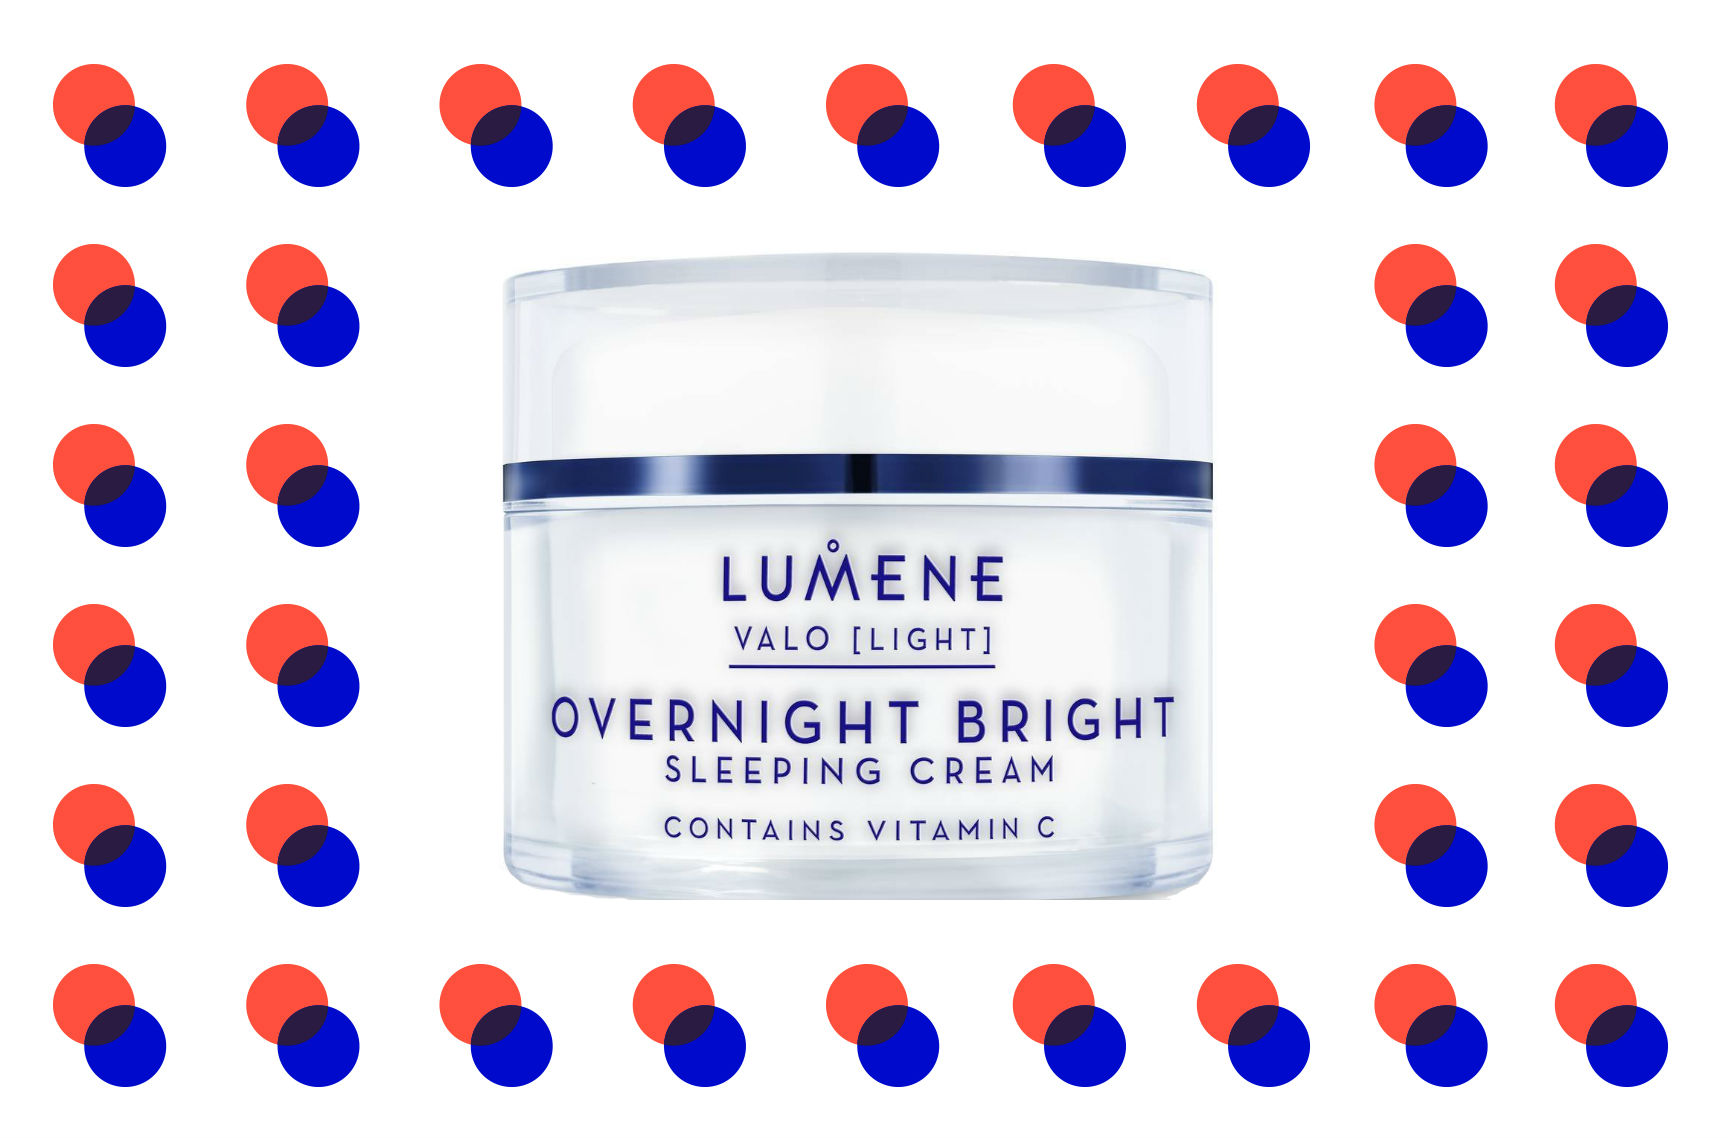 Lumene Overnight Bright Sleeping Cream